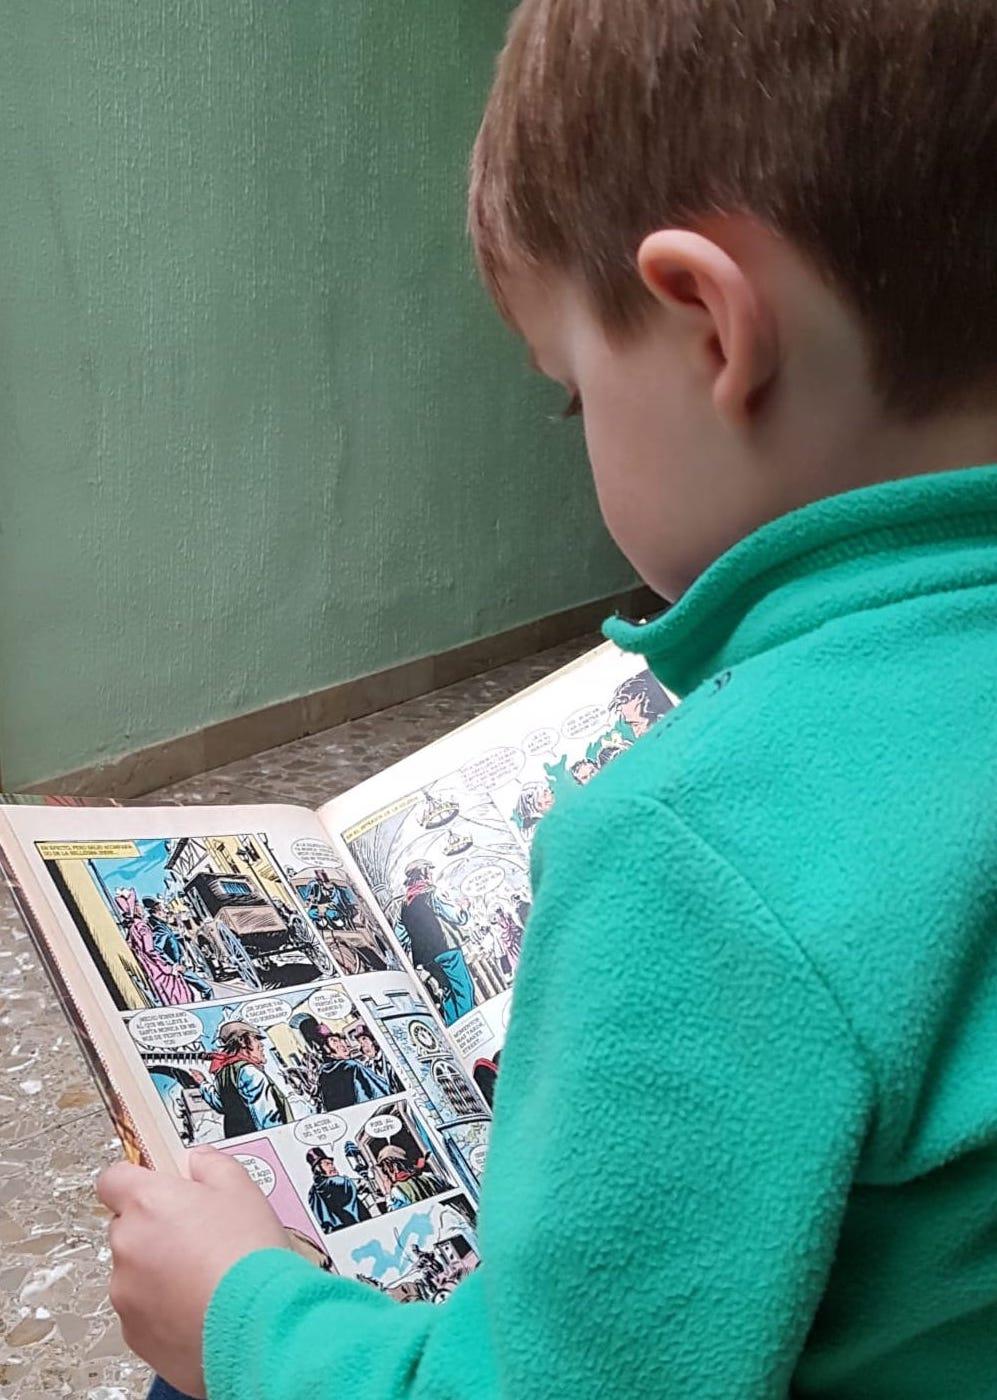 La lectura infantil y juvenil ha crecido durante la pandemia, especialmente durante los meses de confinamiento.